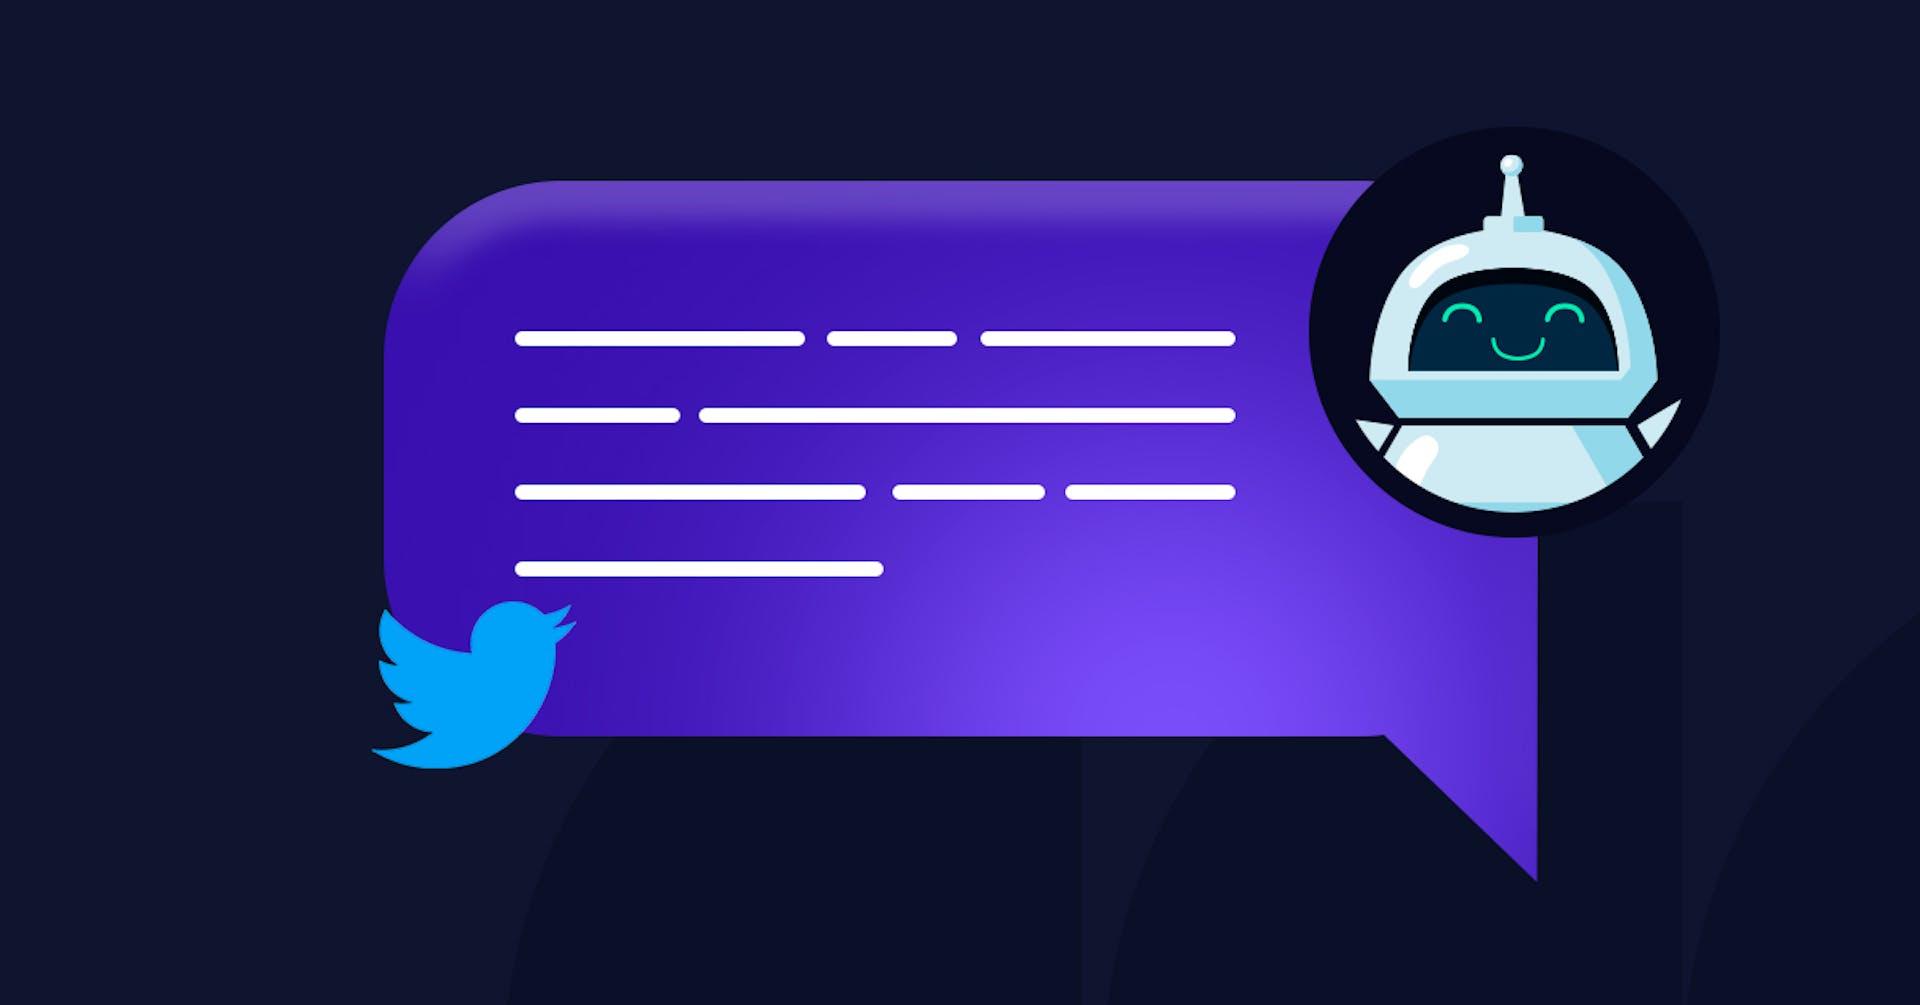 Los mejores 9 bots de Twitter que debes conocer, seguir y empezar a utilizar